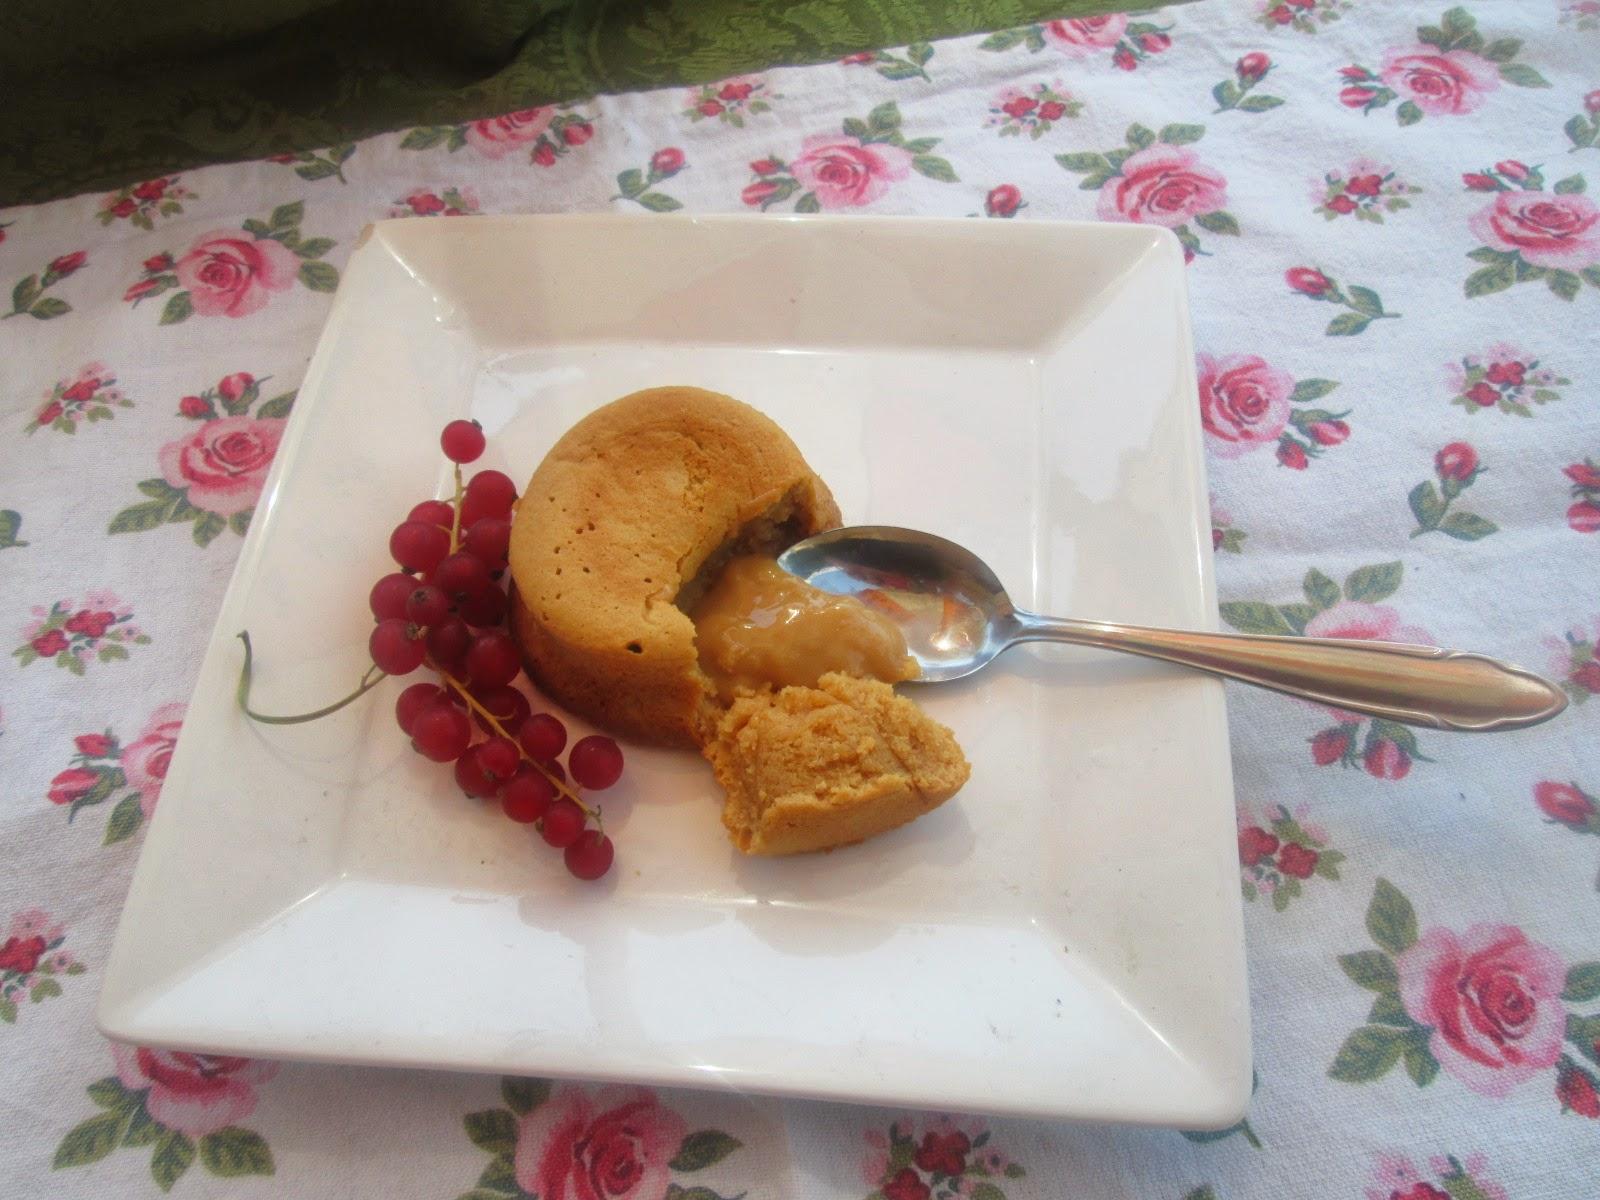 ... images molten dulce de leche cakes molten dulce de leche cakes